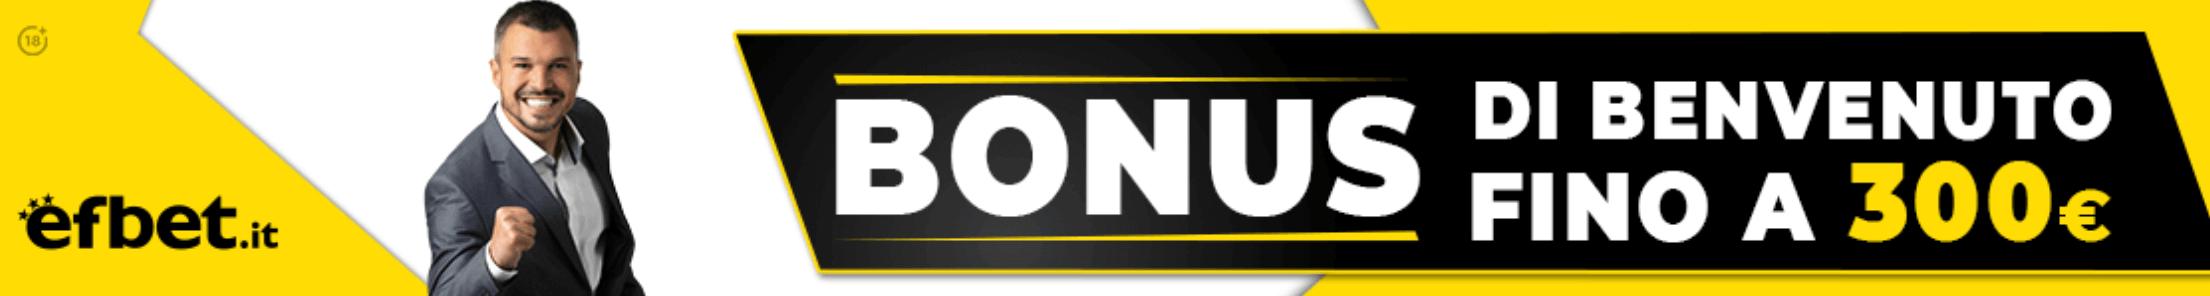 Efbet Bonus Benvenuto